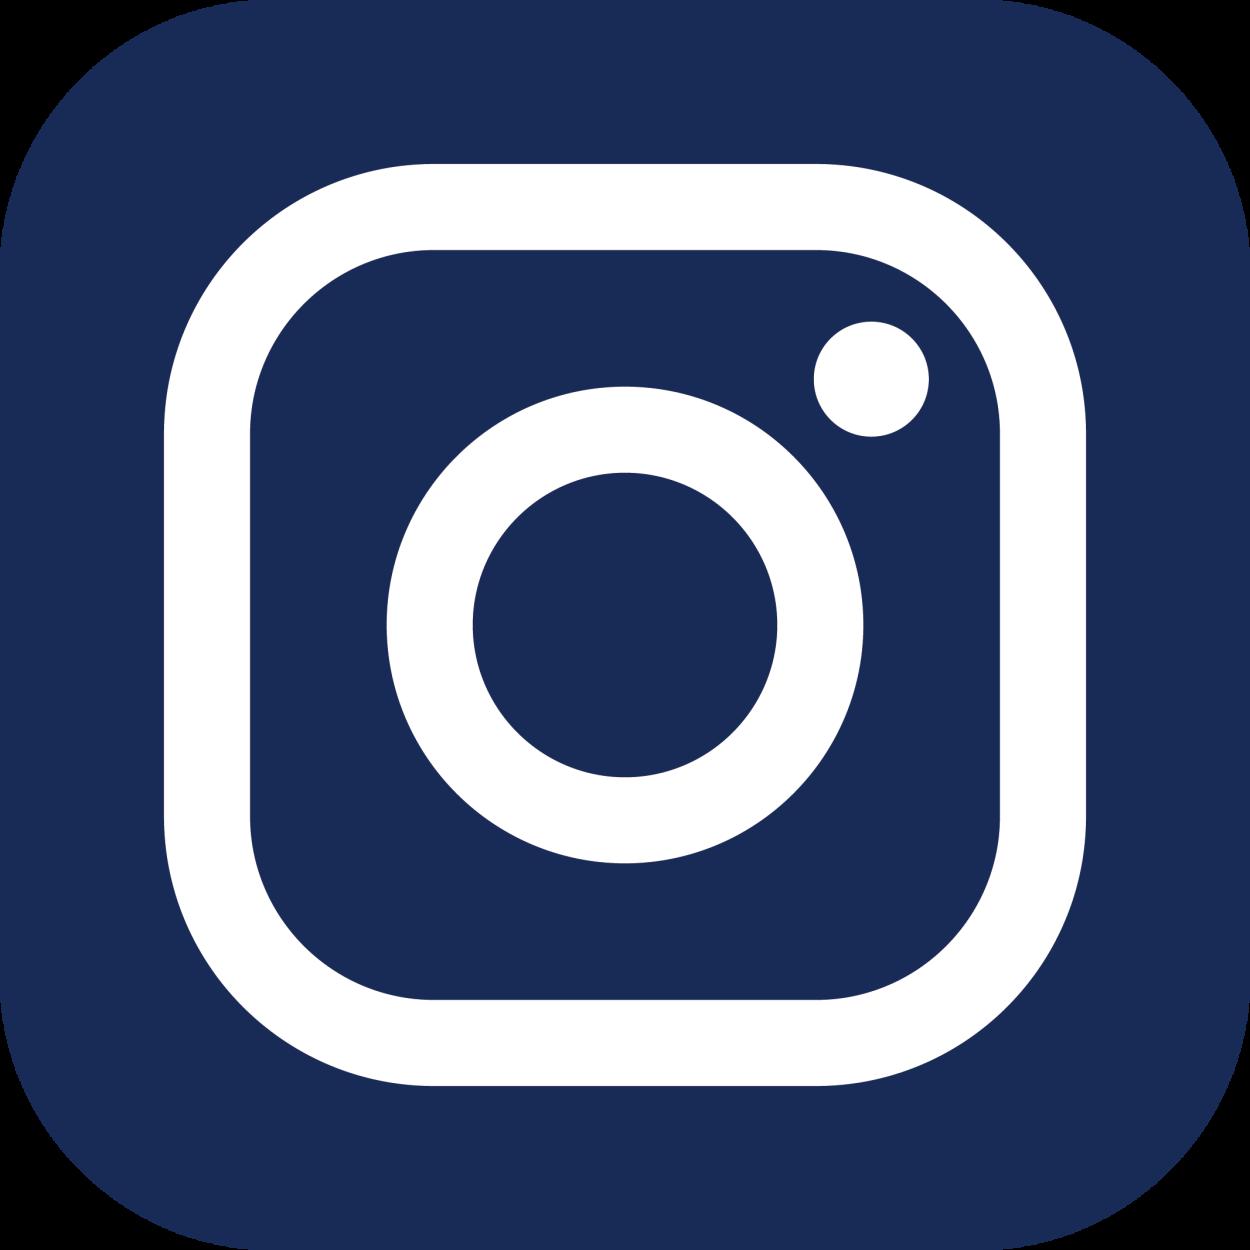 アロマ雑貨とインテリア専門店 AromaSnowman instagram